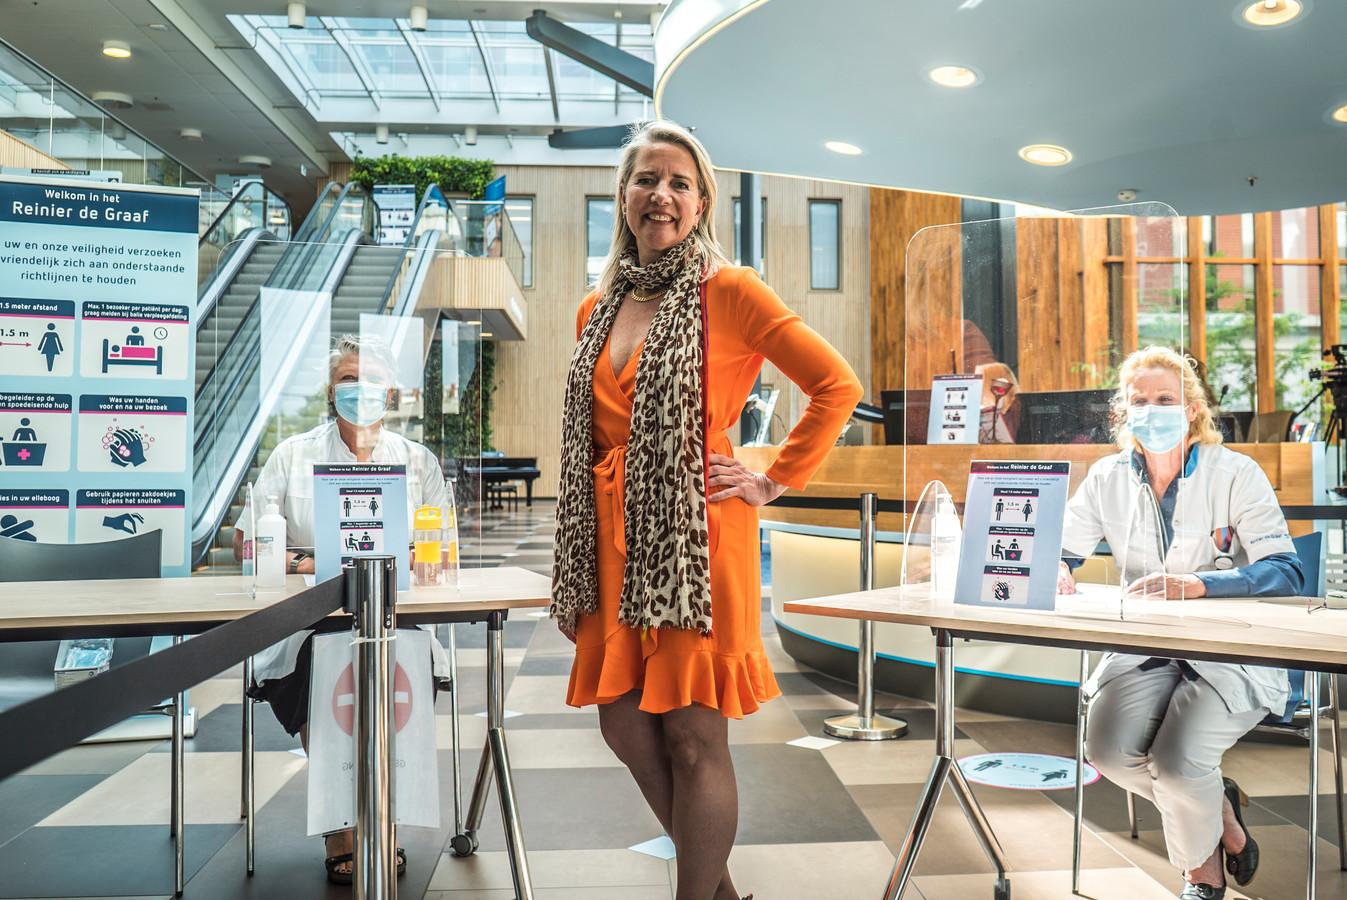 """Directievoorzitter Carina Hilders van het Reinier de Graaf ziekenhuis:  ,,De druk op onze zorgprofessionals is erg hoog."""""""